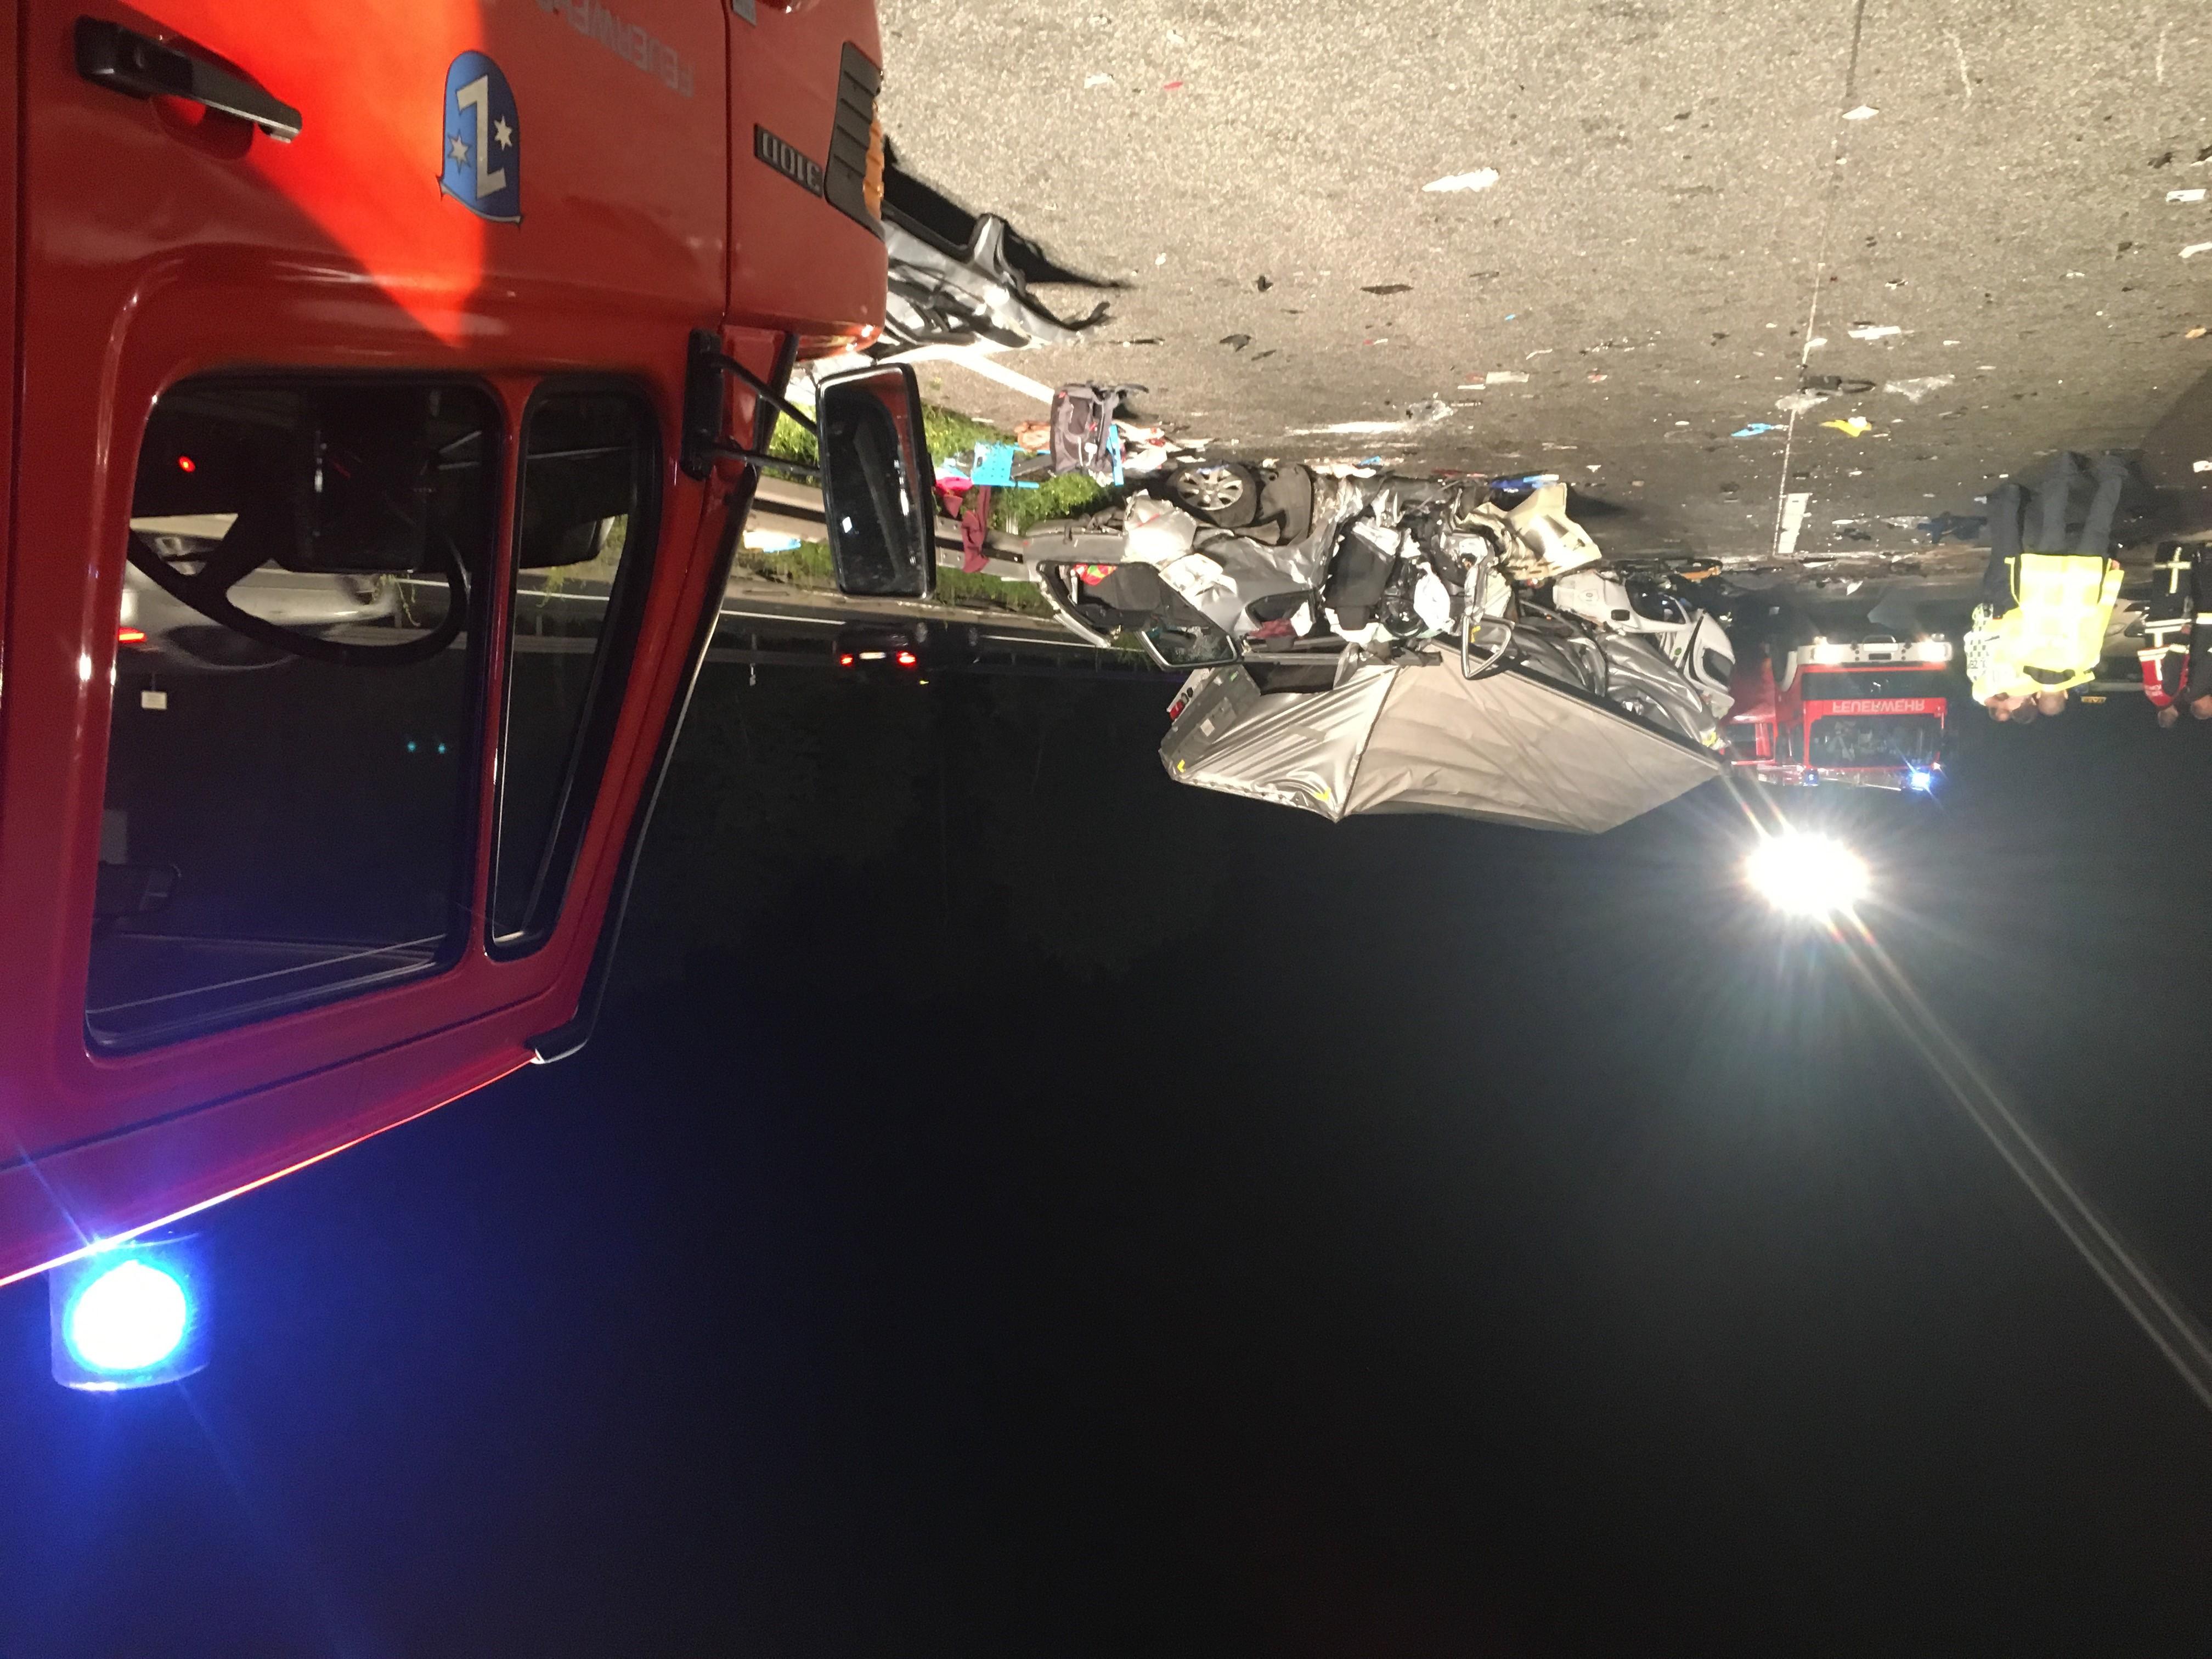 Lkw-Geisterfahrt auf A67 bei Rüsselsheim - mehrere Tote